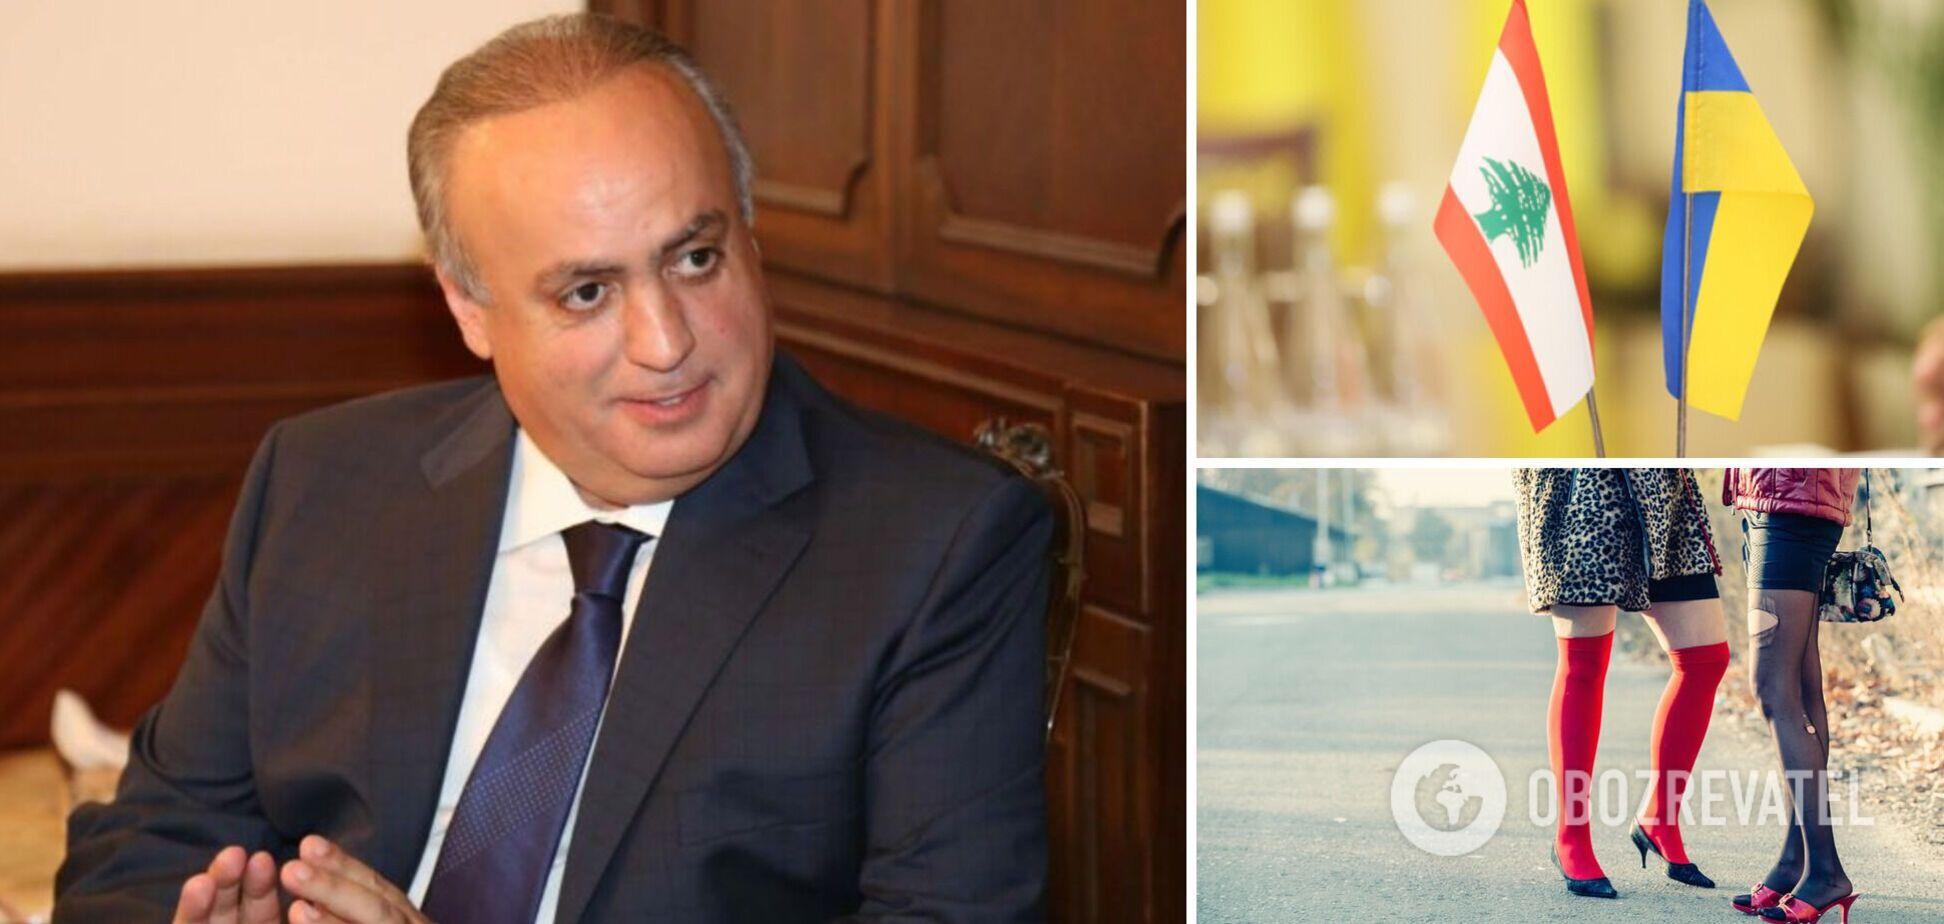 Экс-министр Ливана оскорбил украинок в прямом эфире и попал в скандал: посольство требует извинений